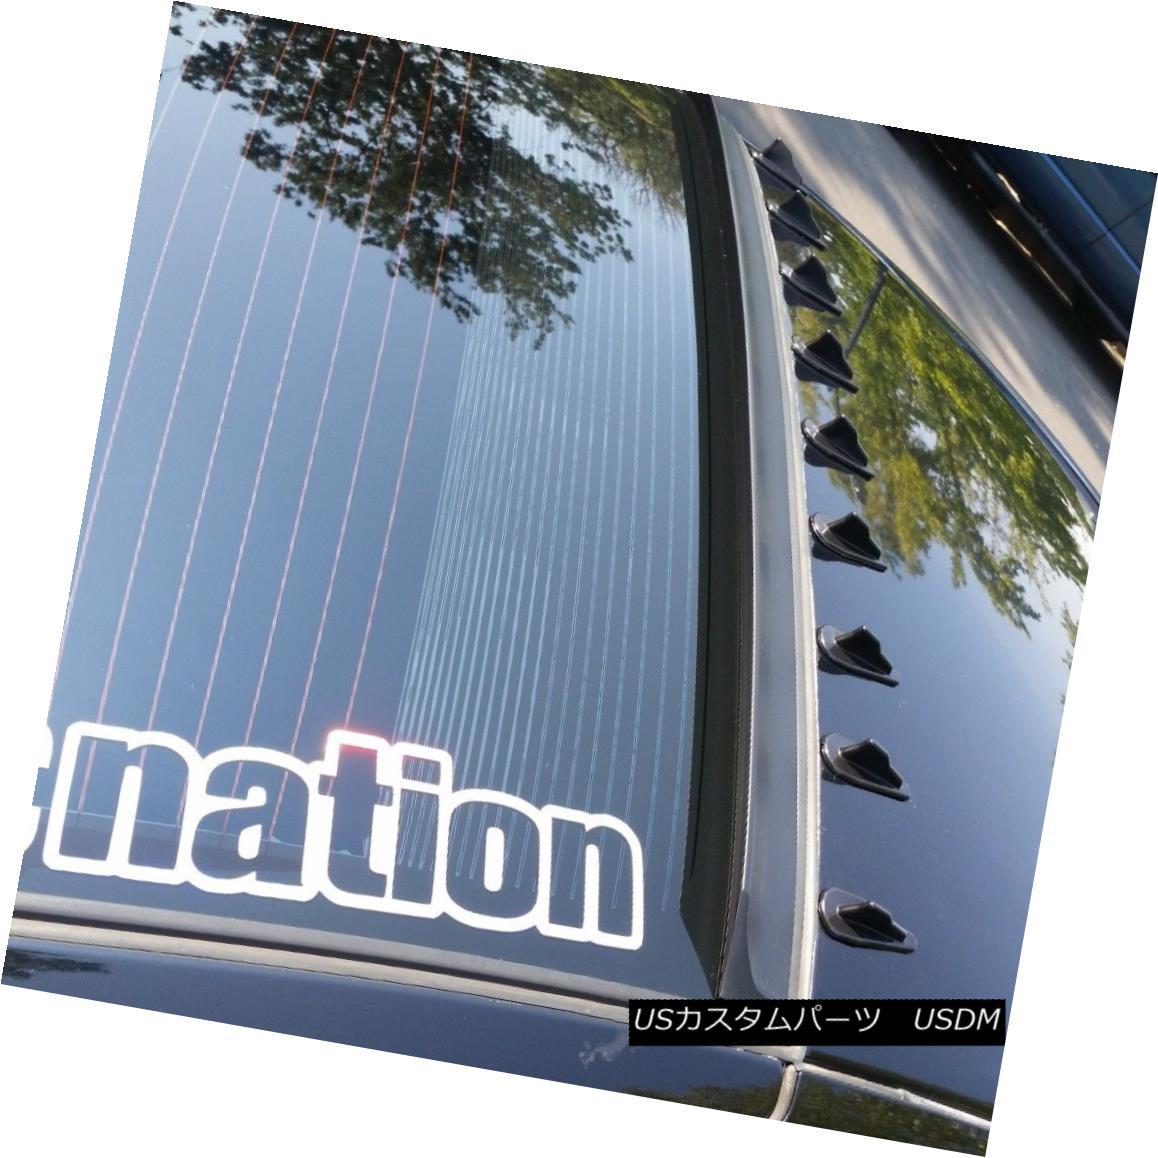 エアロパーツ Flat Black LRS Type Rear Roof Spoiler Wing For Holden WM Caprice Sedan 2006-10 ? フラットブラックLRSタイプリアルーフスポイラーウイングホールデンWMカプリスセダン2006-10?